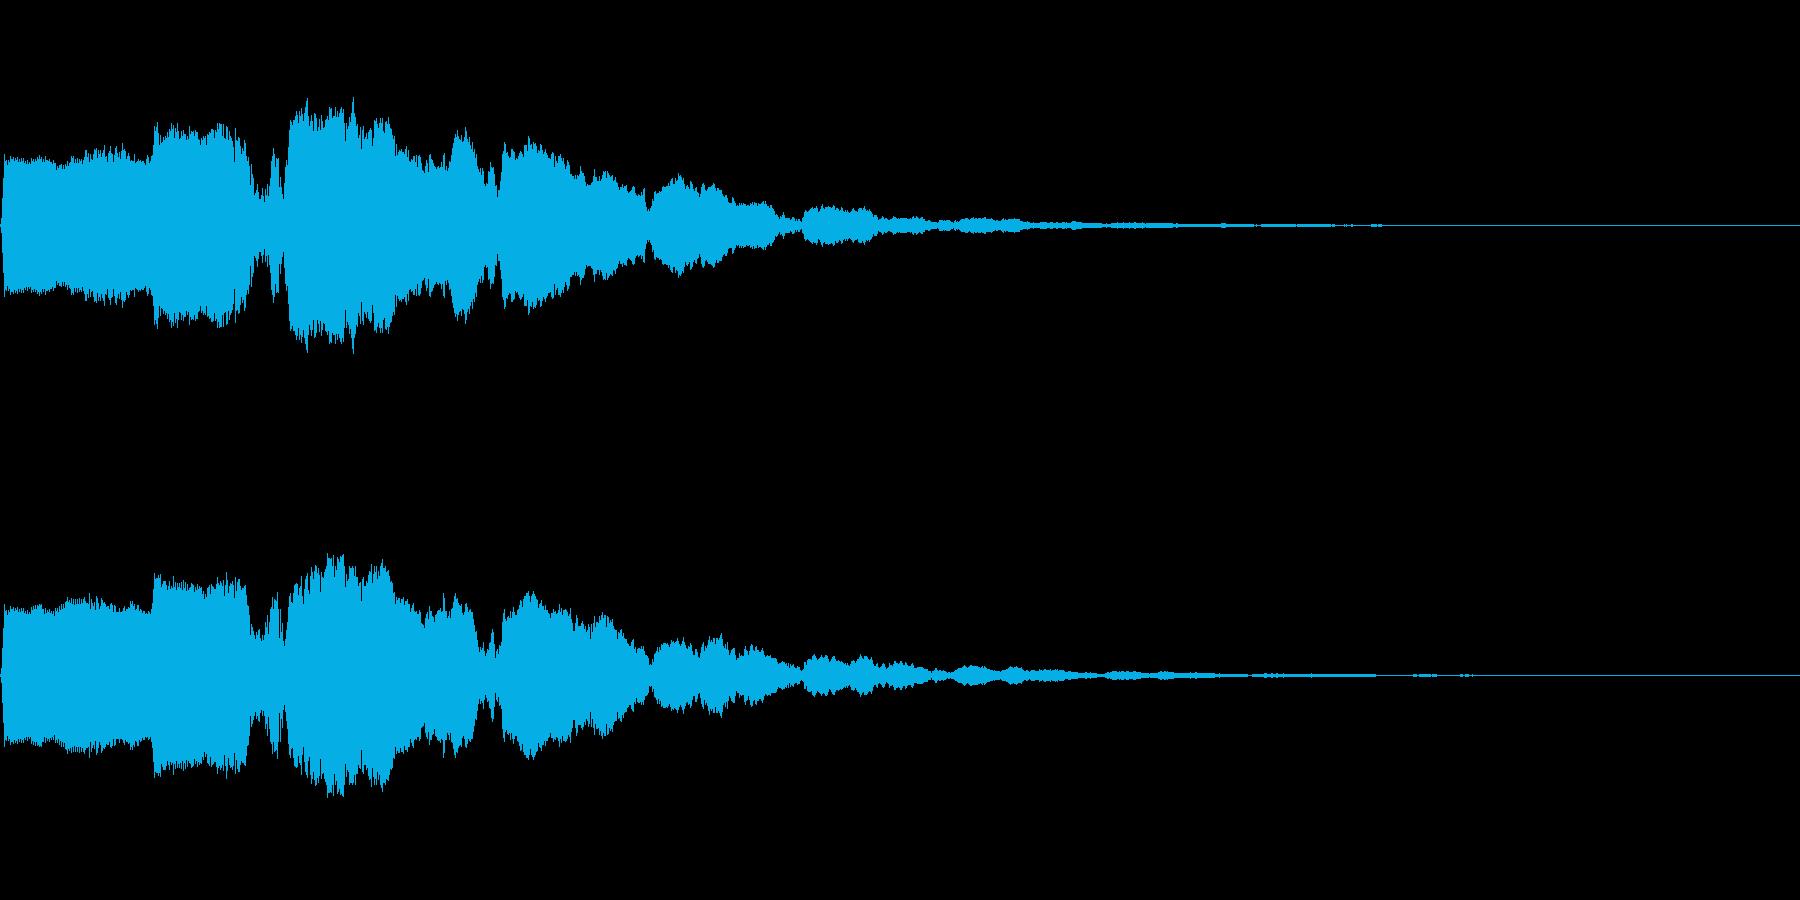 ボタン押下や決定音_ポキーン!の再生済みの波形